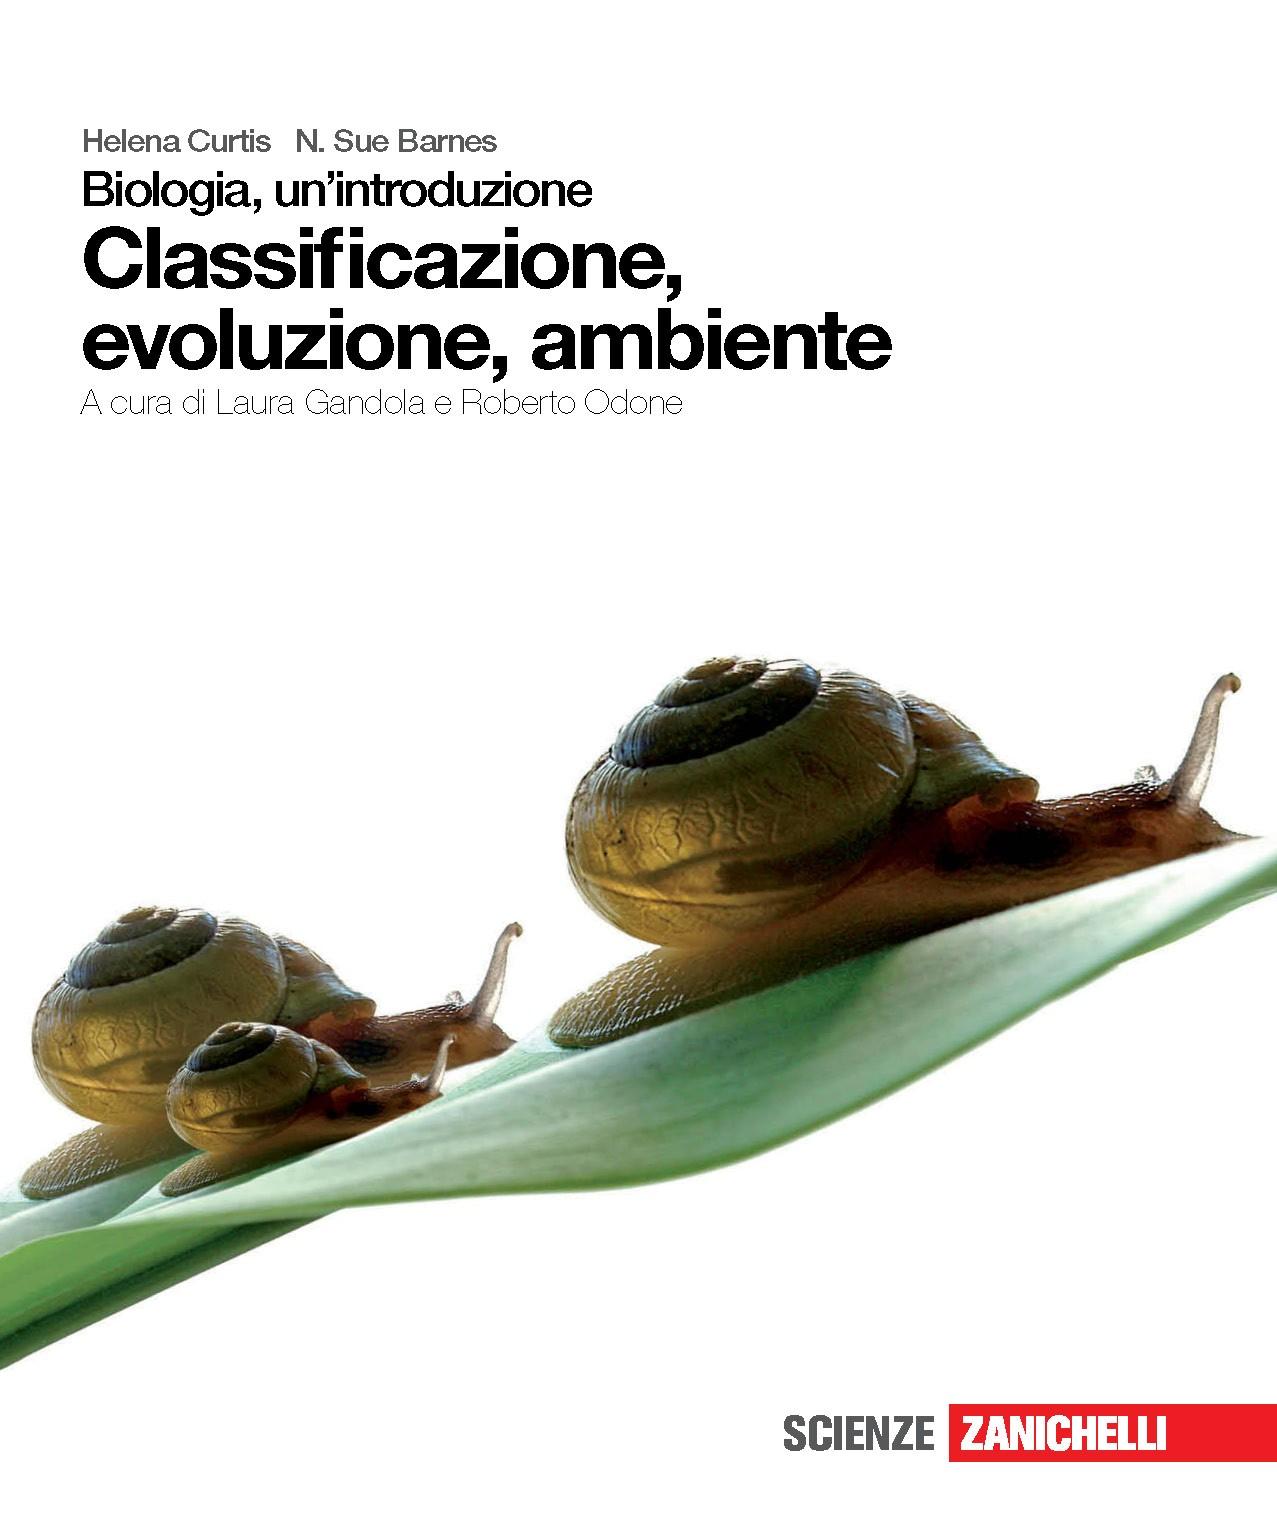 Biologia, un'introduzione - Classificazione, evoluzione, ambiente